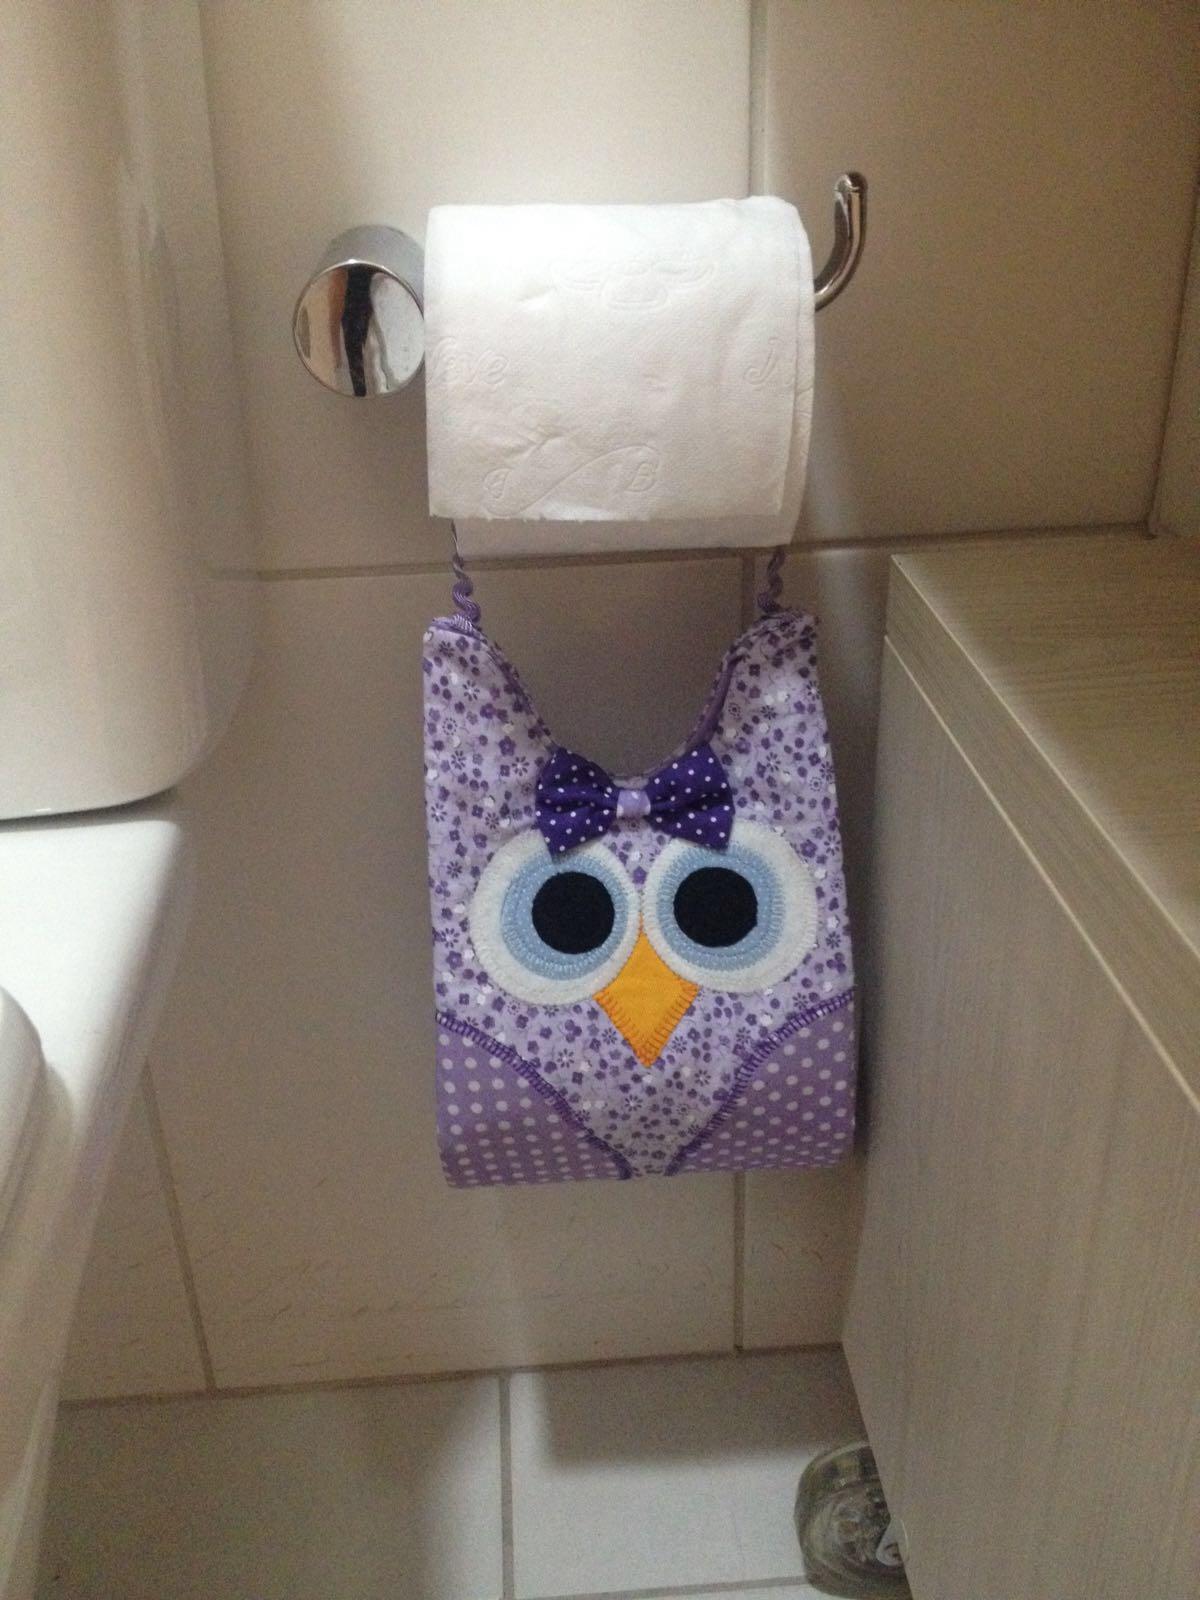 Porta rolo de papel higi nico de coruja recriarte for Accesorio para papel higienico